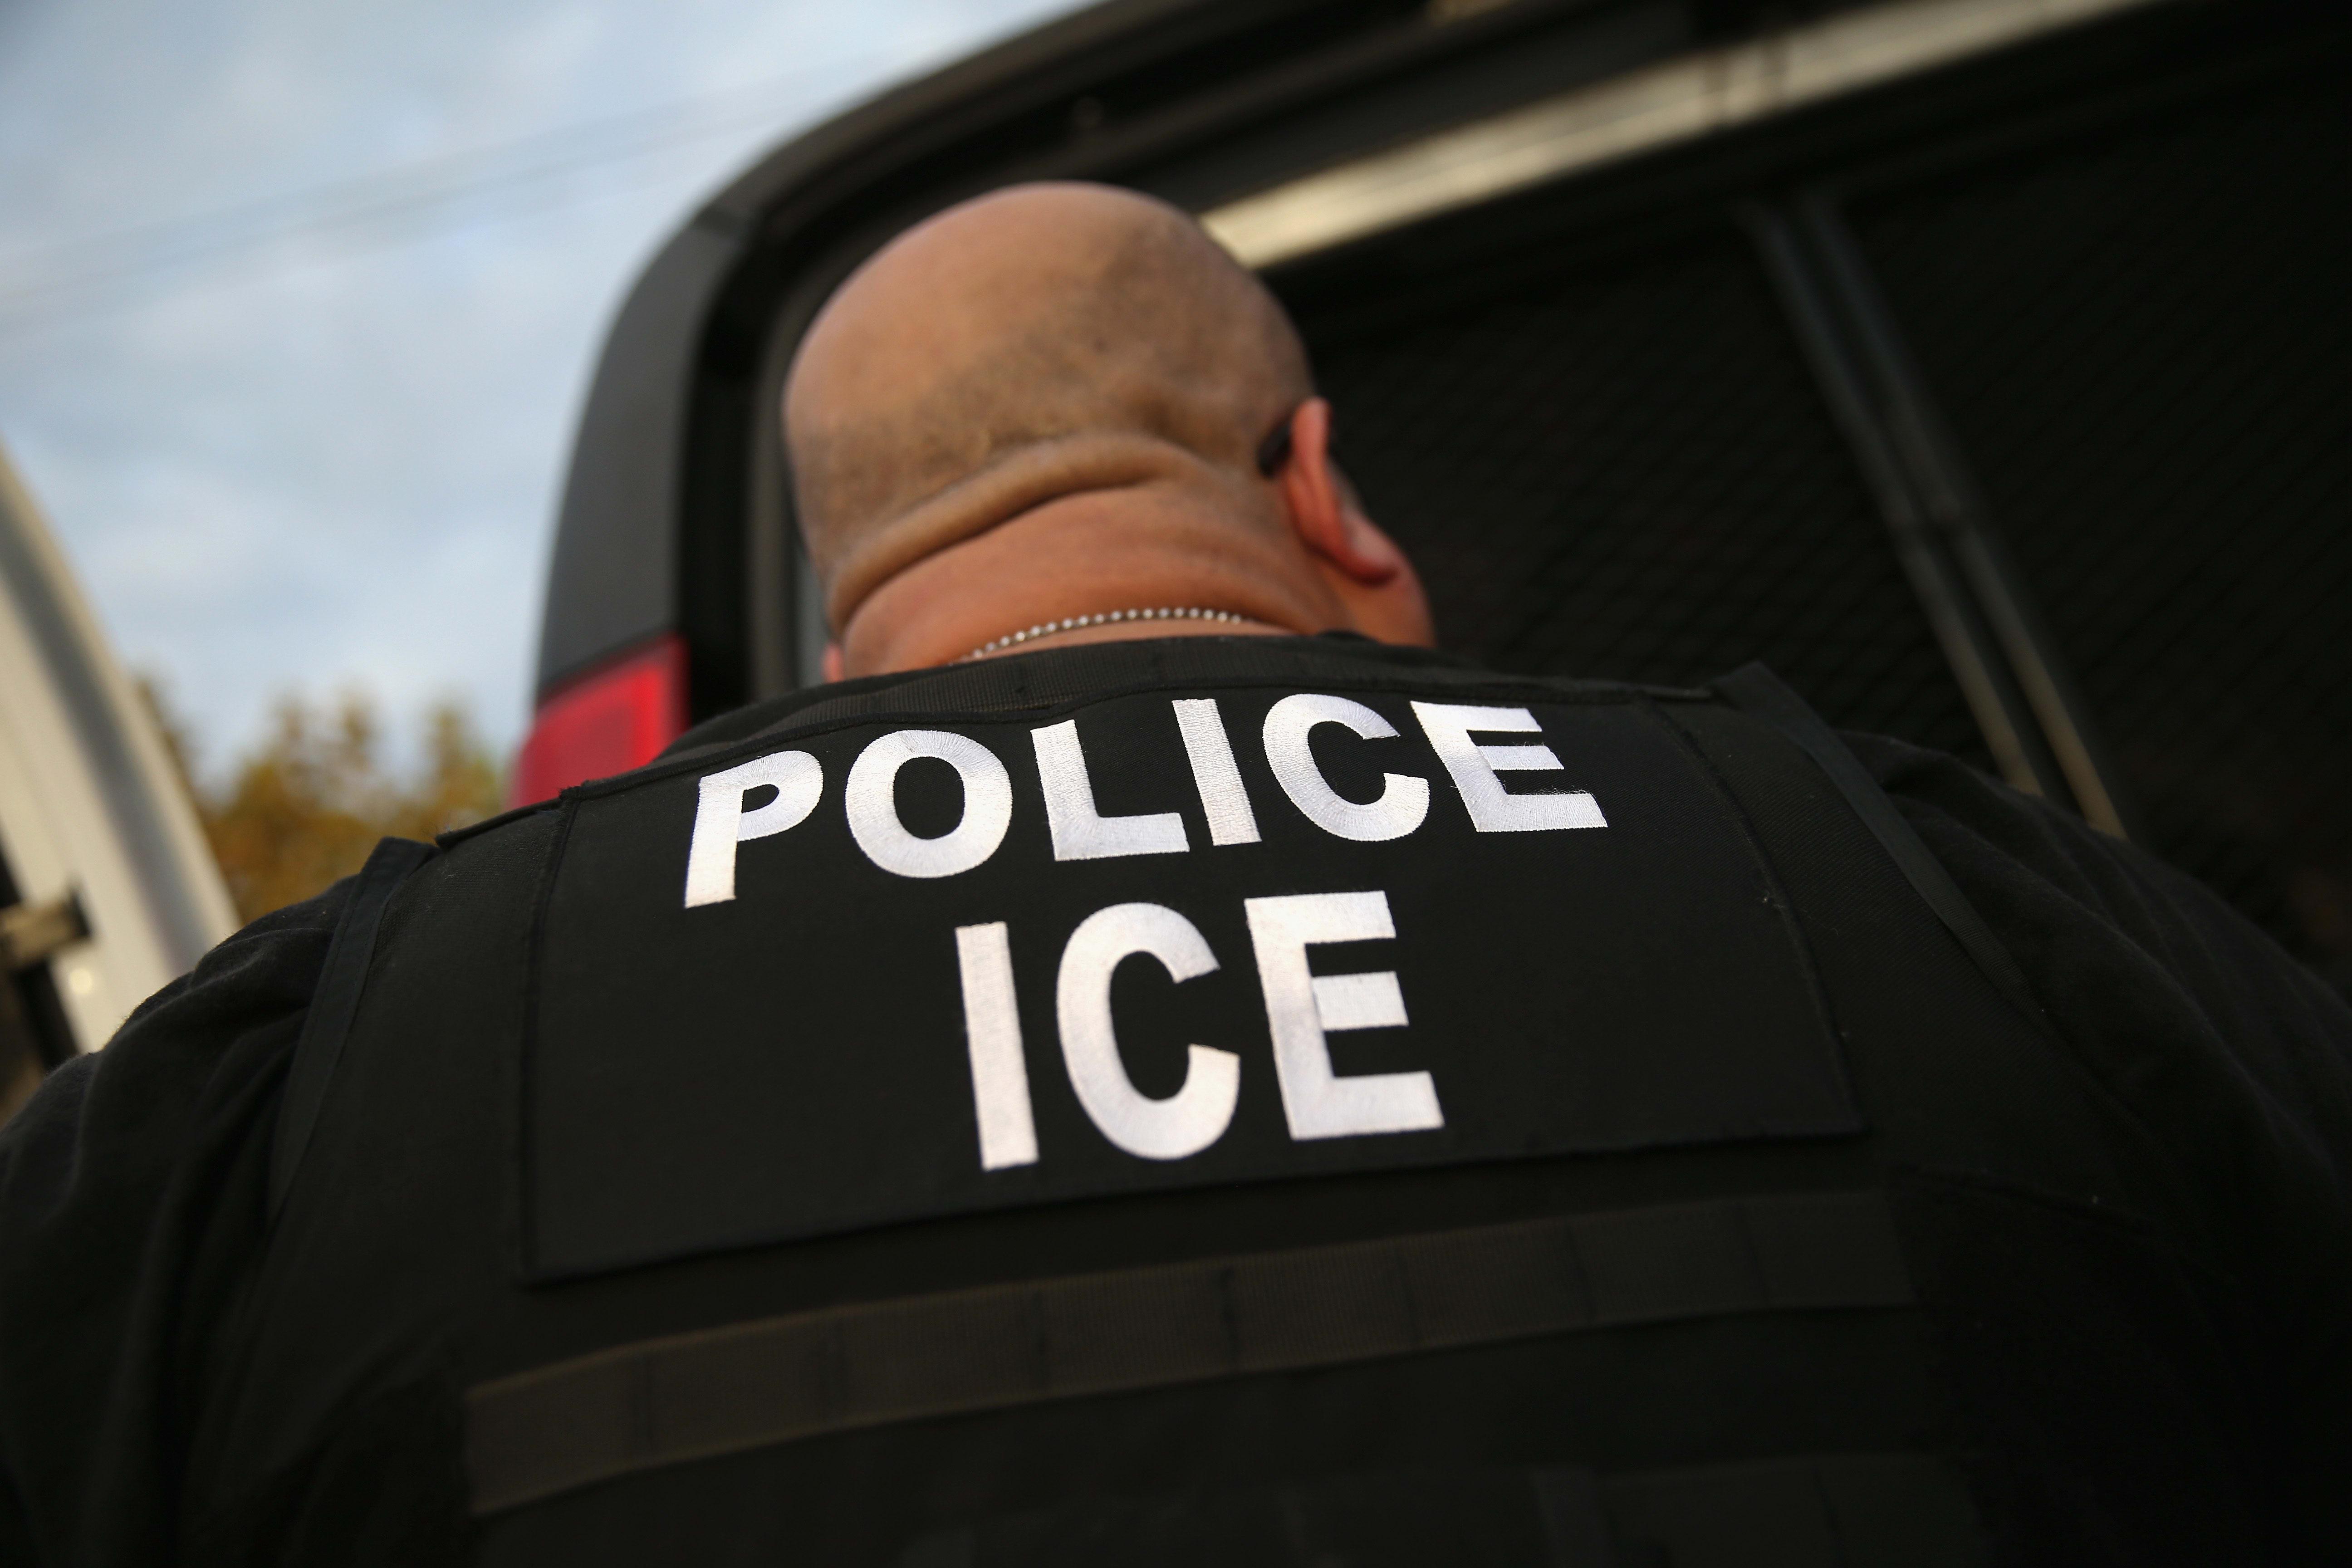 ÚLTIMA HORA: Operativos de ICE en todo el país dejan 1,300 indocumentados detenidos